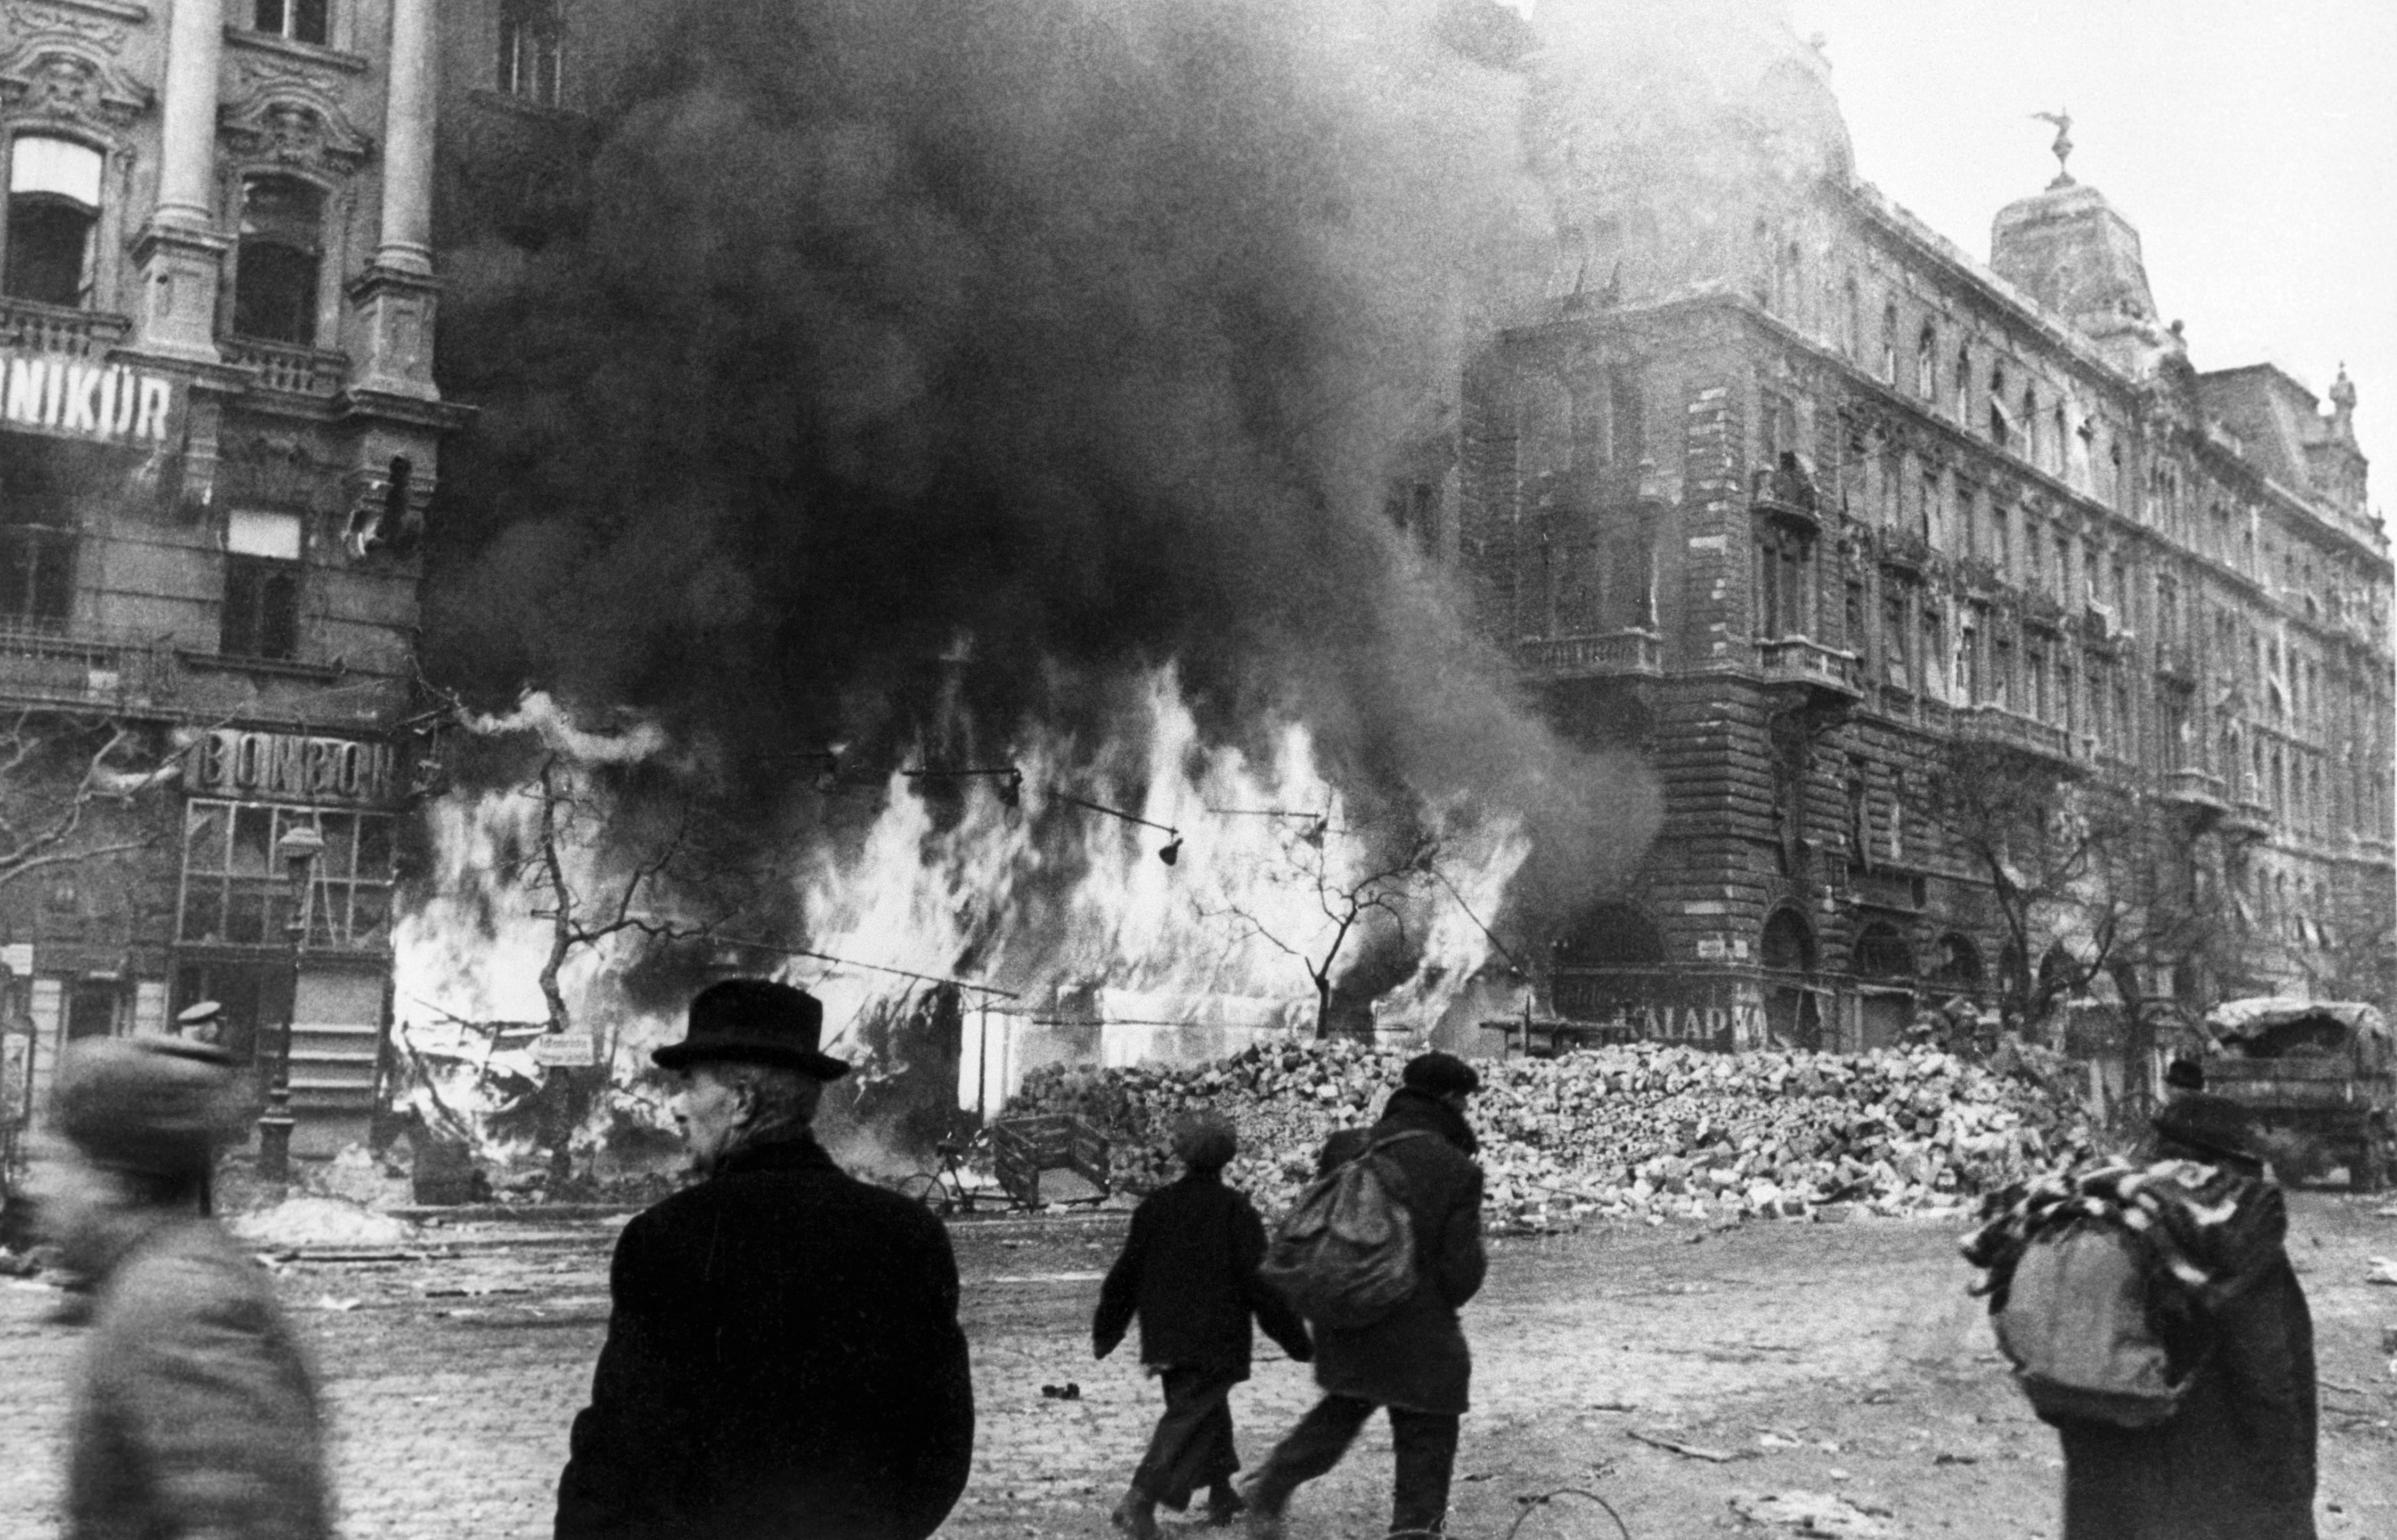 1945. Мирные жители у горящего дома на улице Ваци в Будапеште